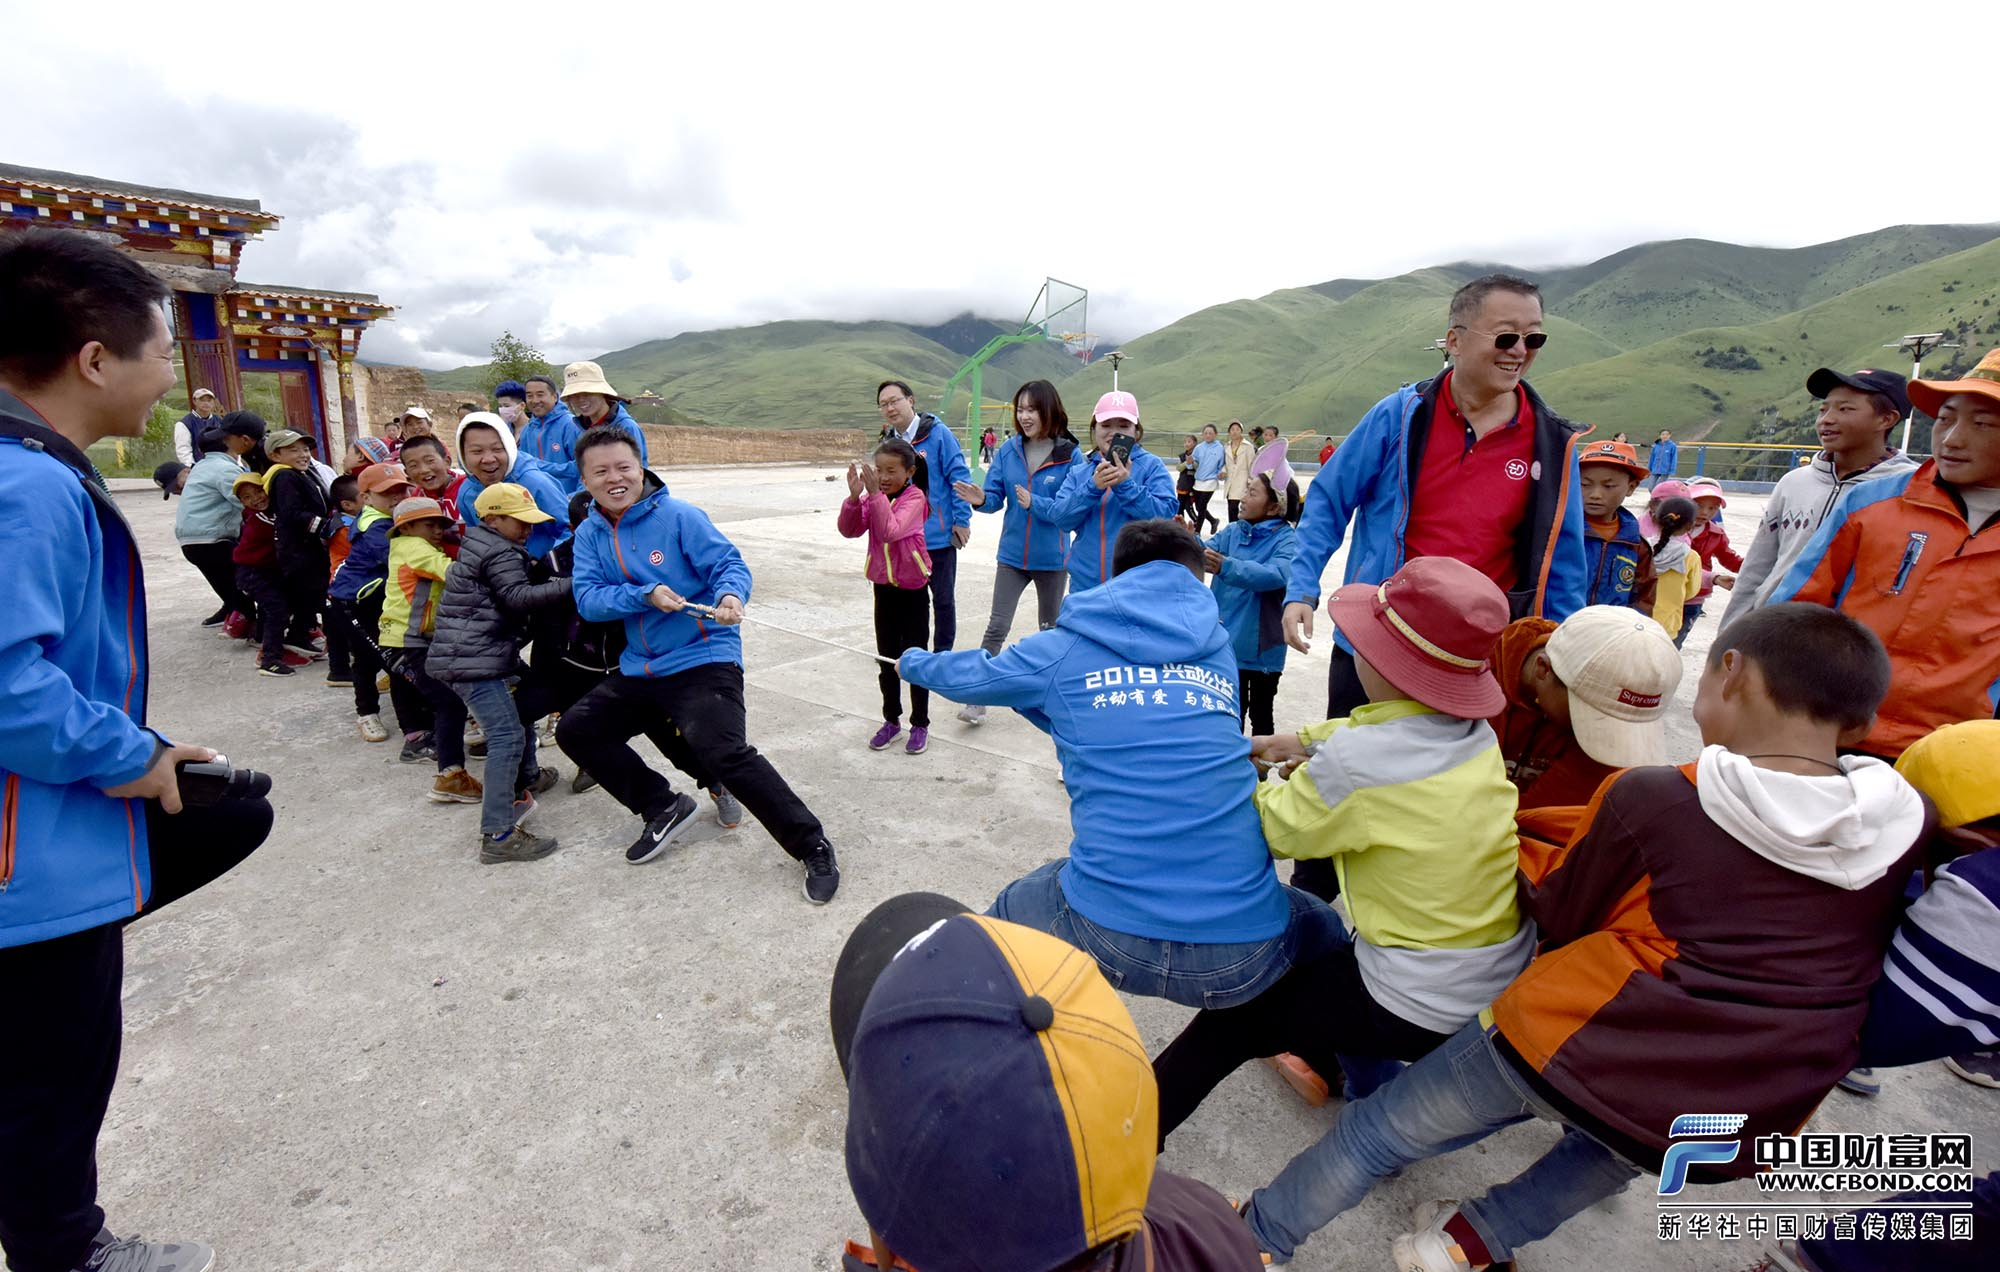 兴动公益团队队员们和俄支乡学生们一起拔河